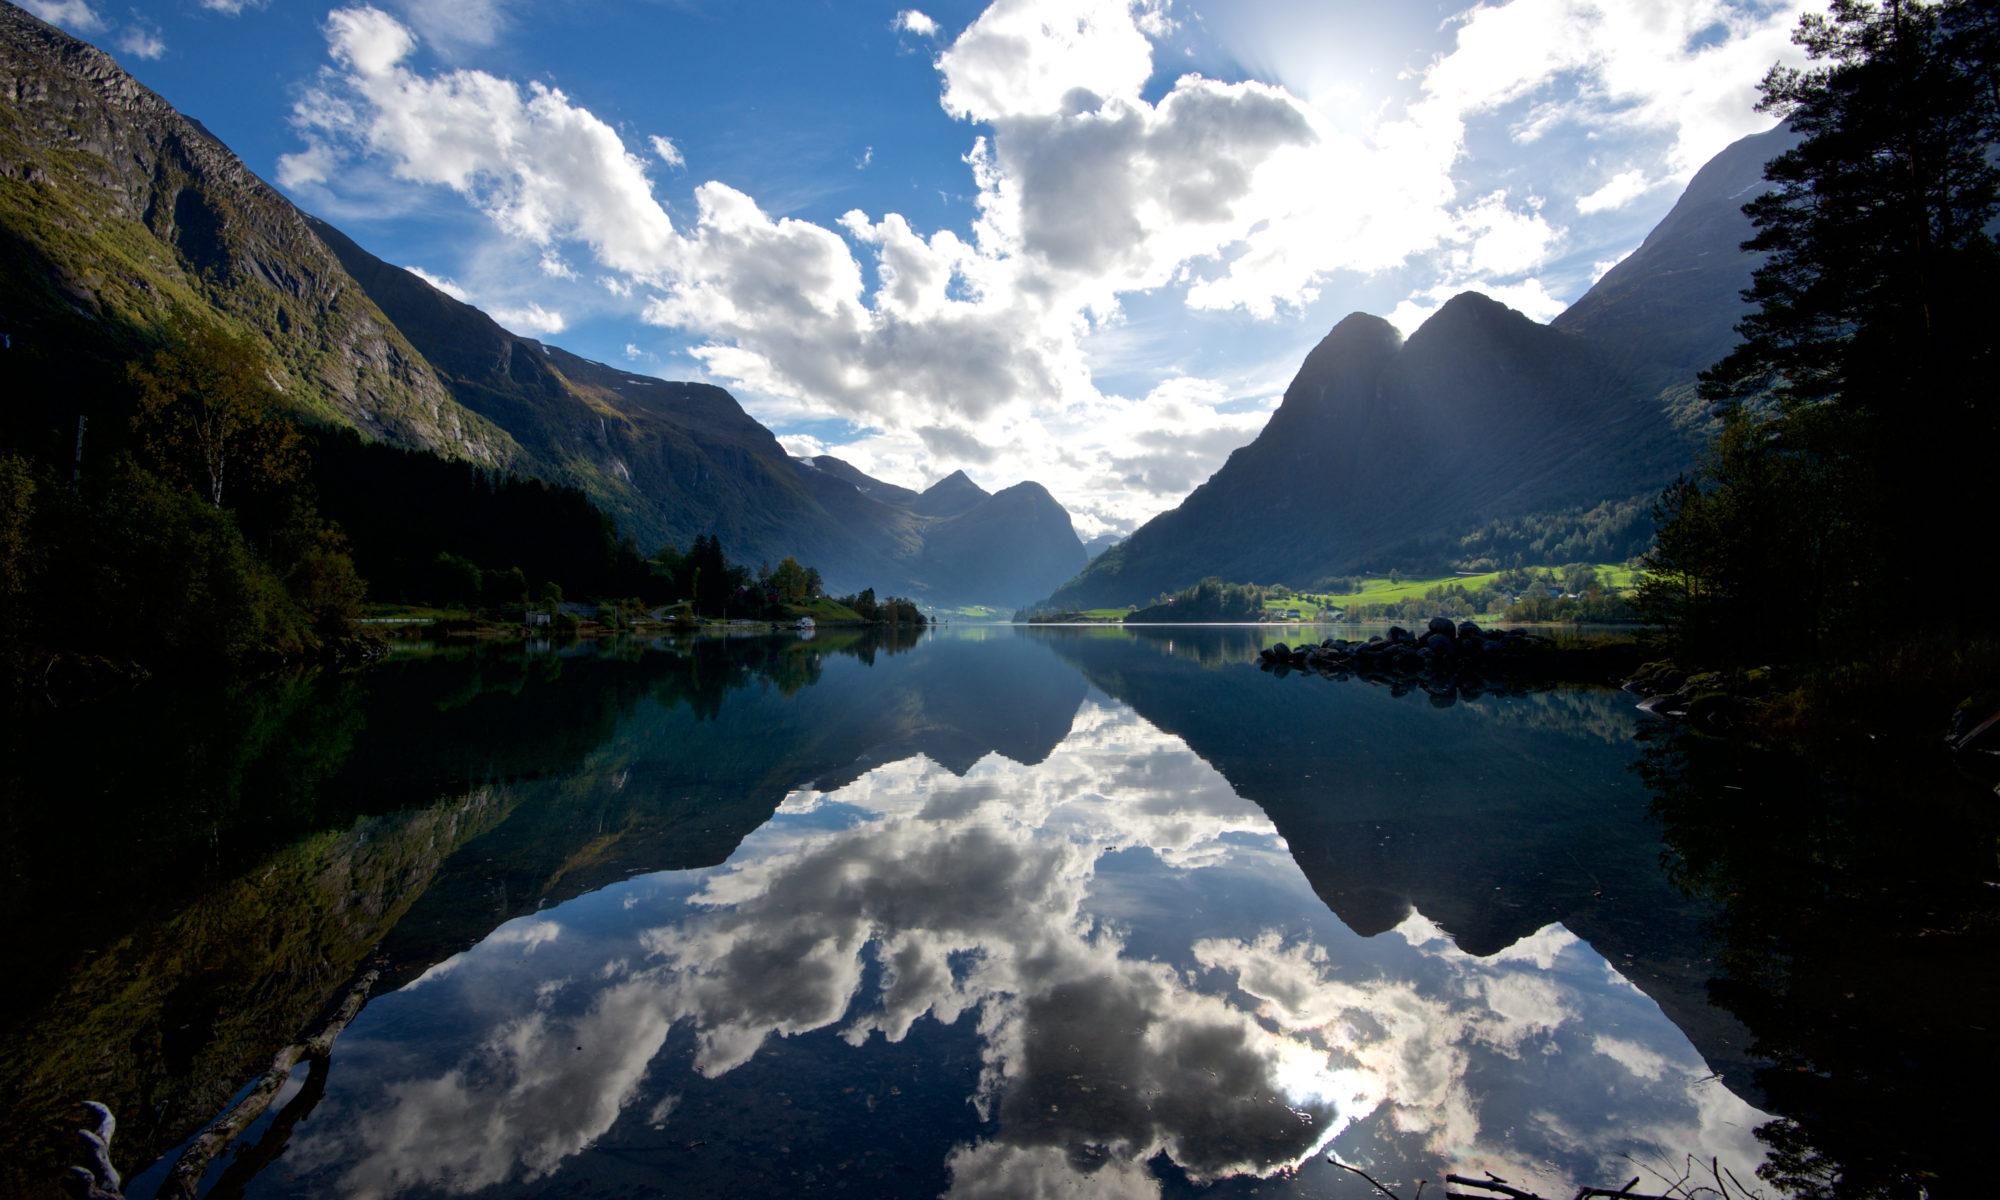 Lake Oldevatnet in Olden. Nordfjord, Norway.